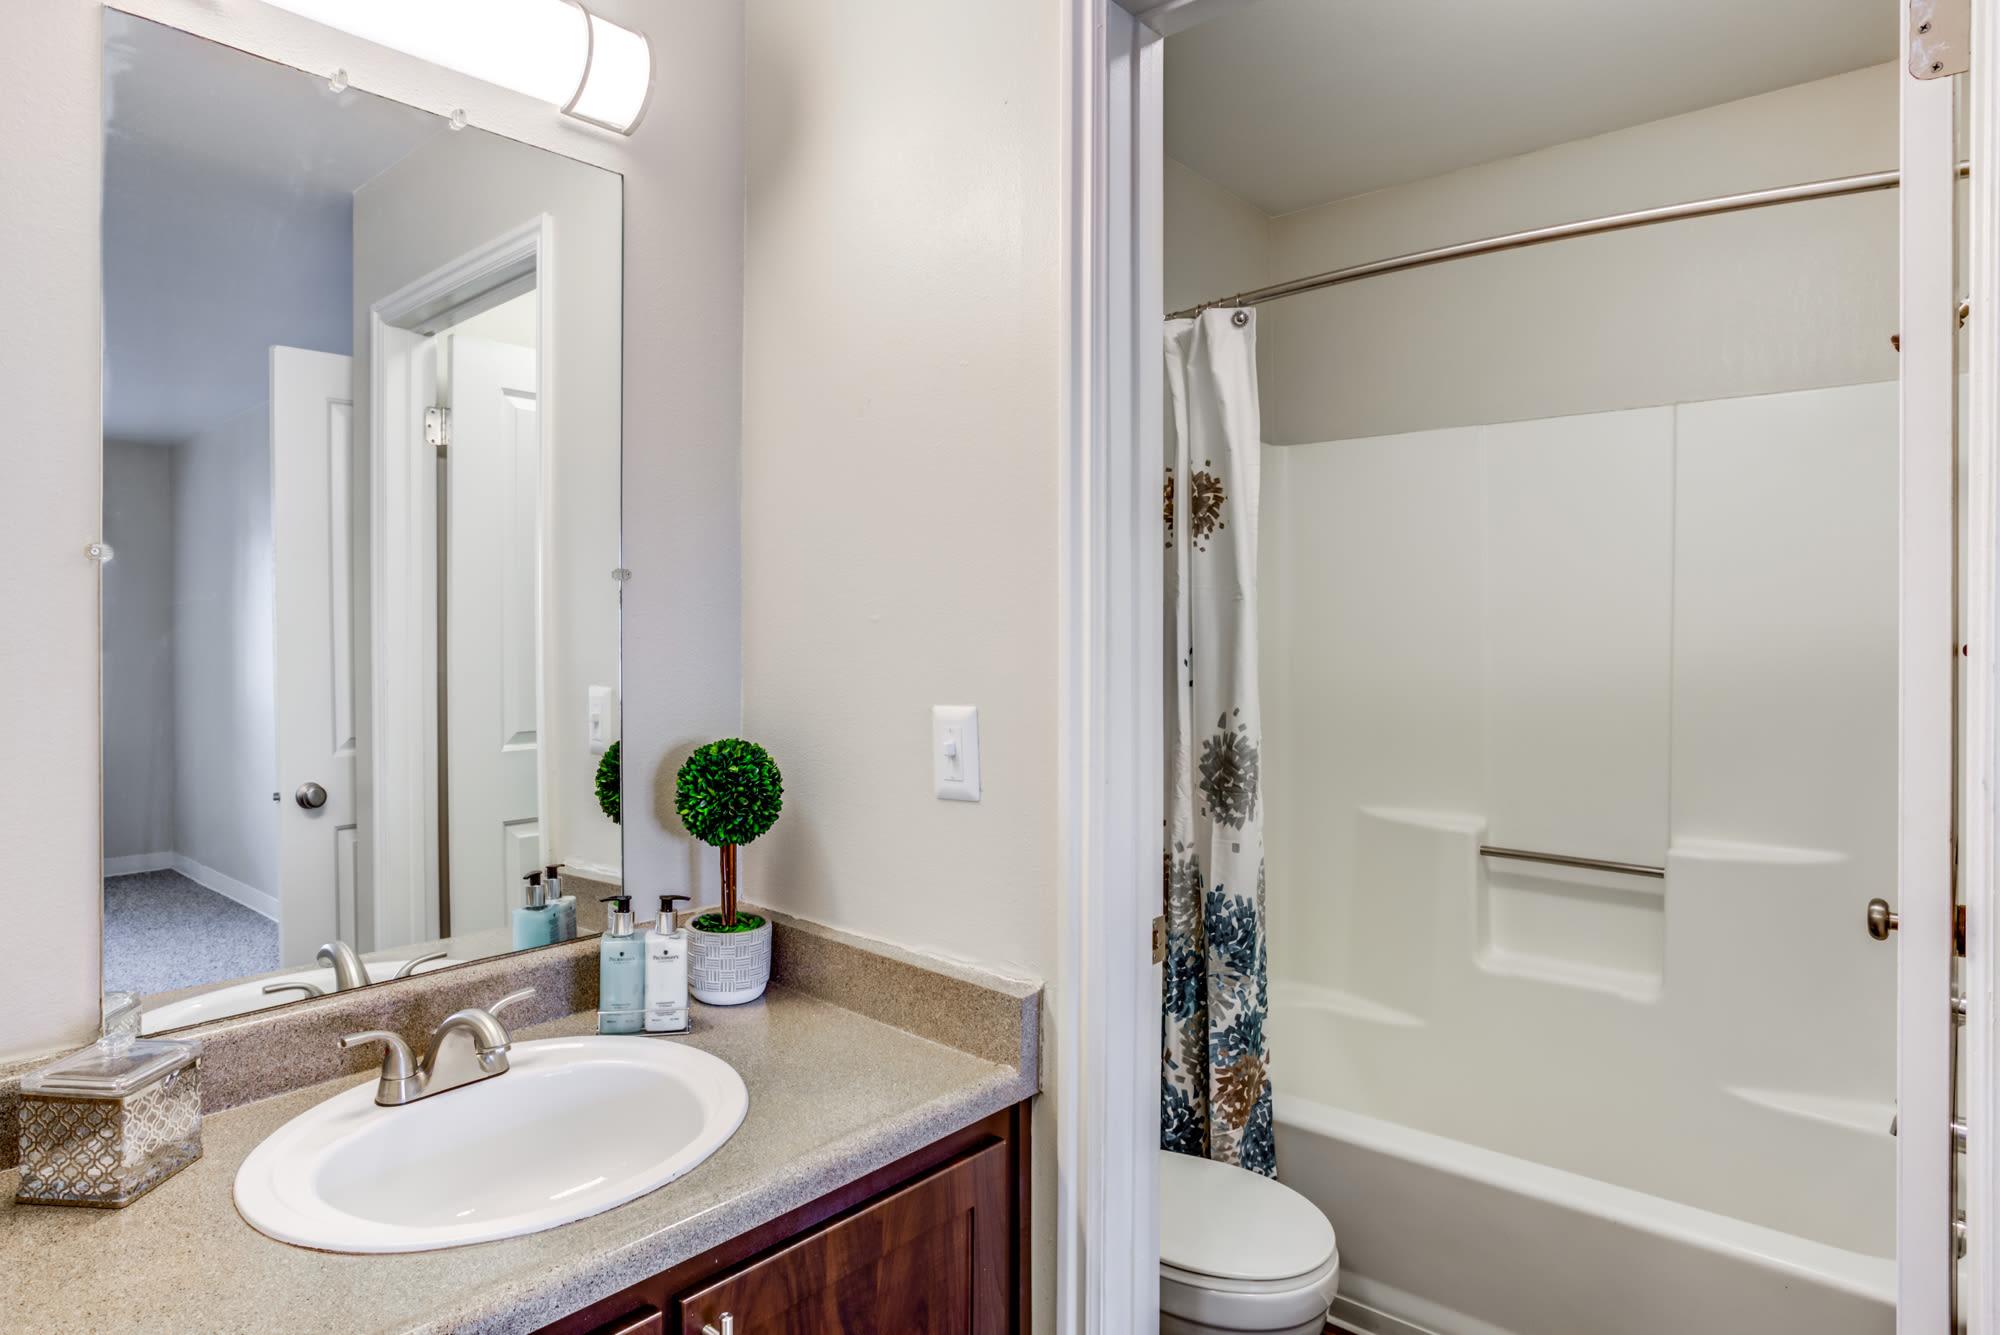 Bathroom at Royal Ridge Apartments